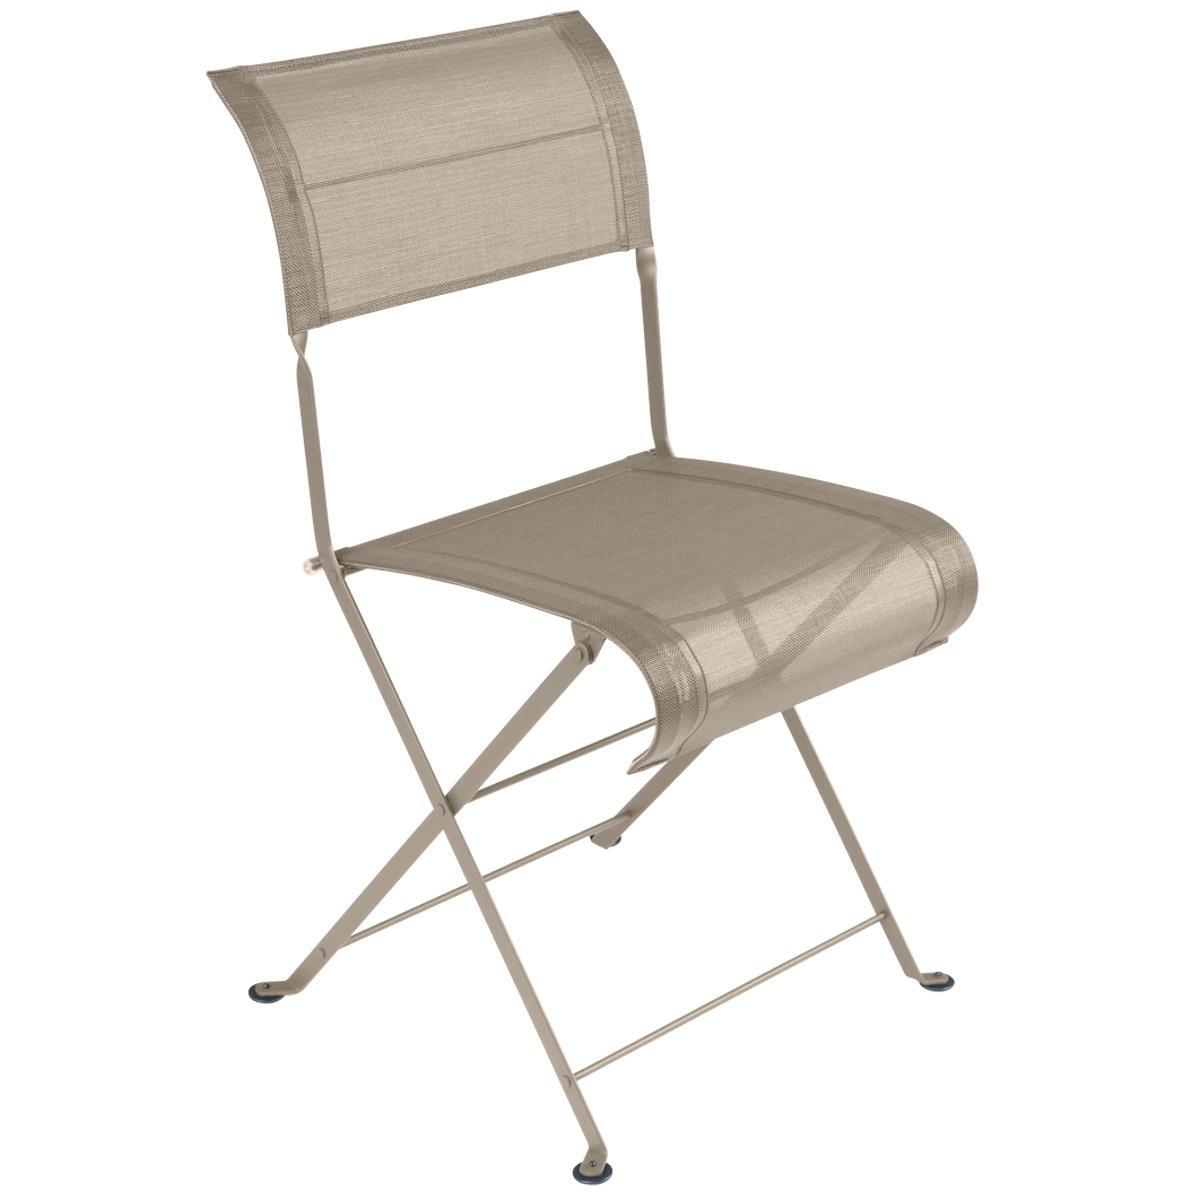 Chaise pliante DUNE PREMIUM Fermob muscade